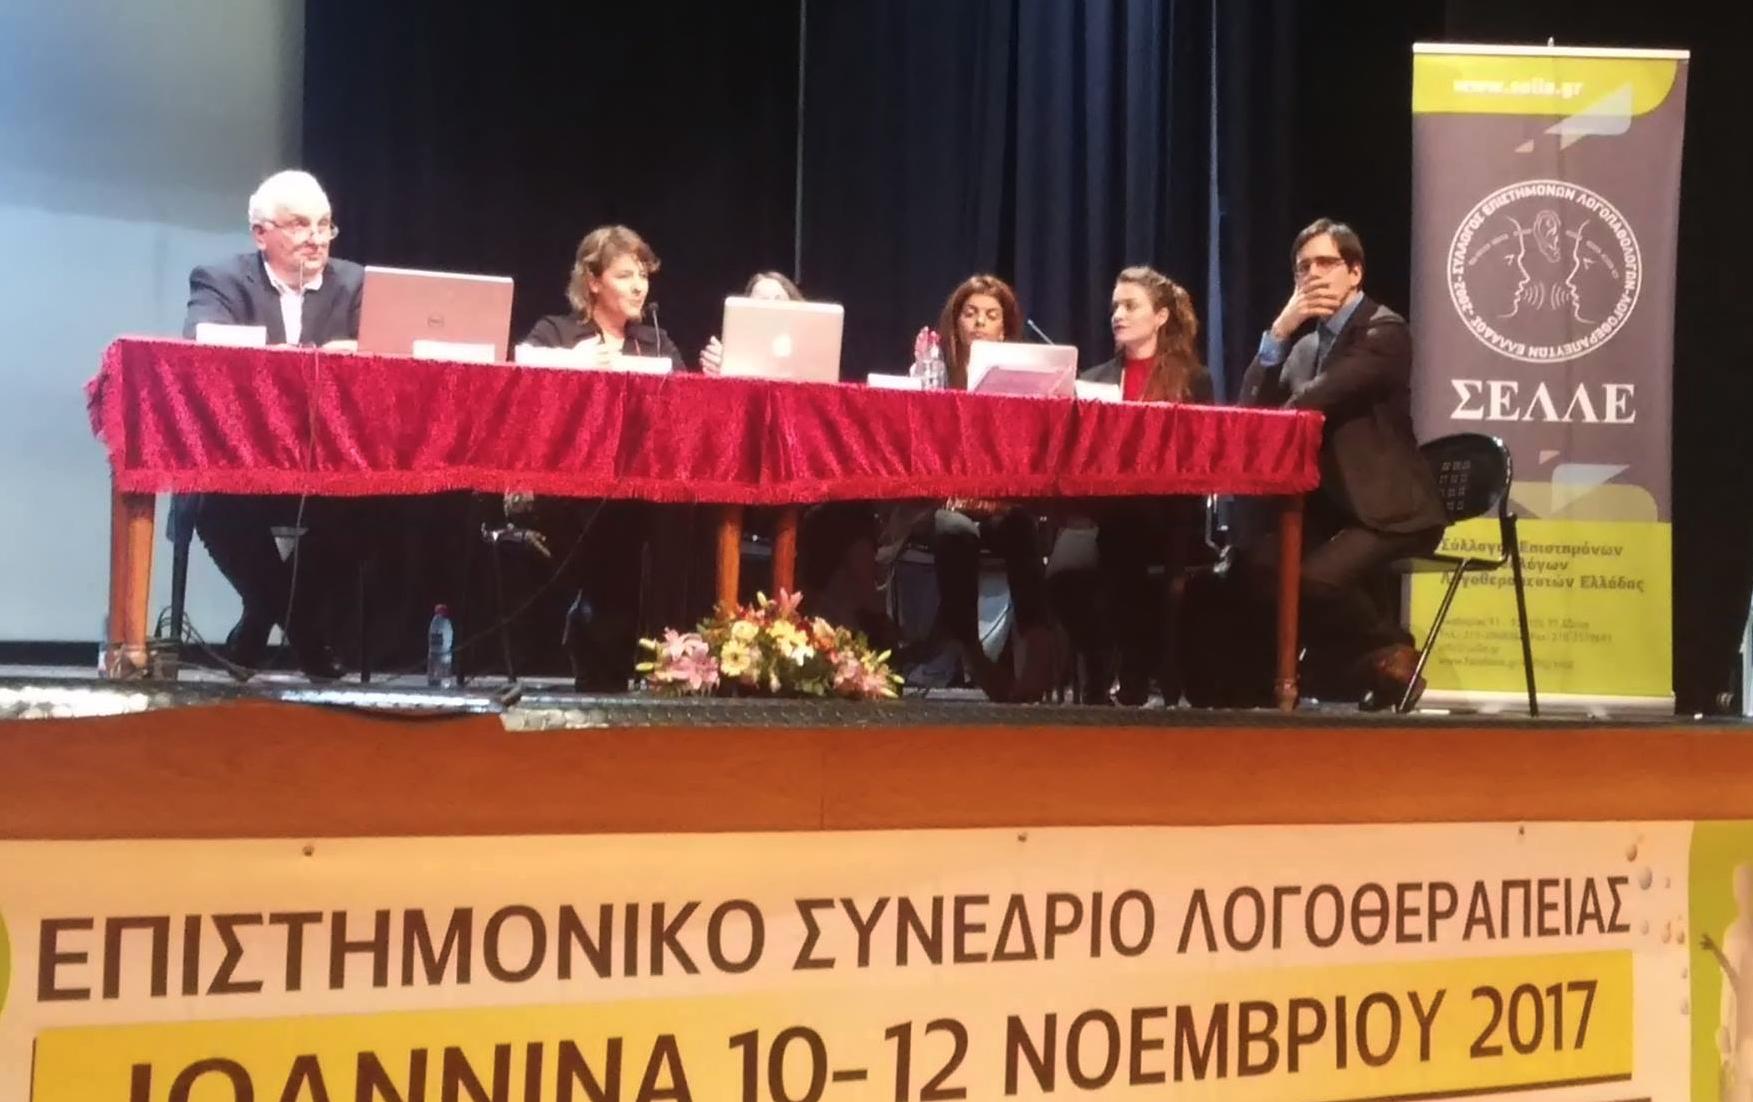 Συνέδριο Λογοθεραπείας ΣΕΛΛΕ Ιωάννινα 2014<span>Στρογγυλή τράπεζα 'Παιδί και Φωνή'  με τη Διεπιστημονική Ομάδα Φωνής</span>